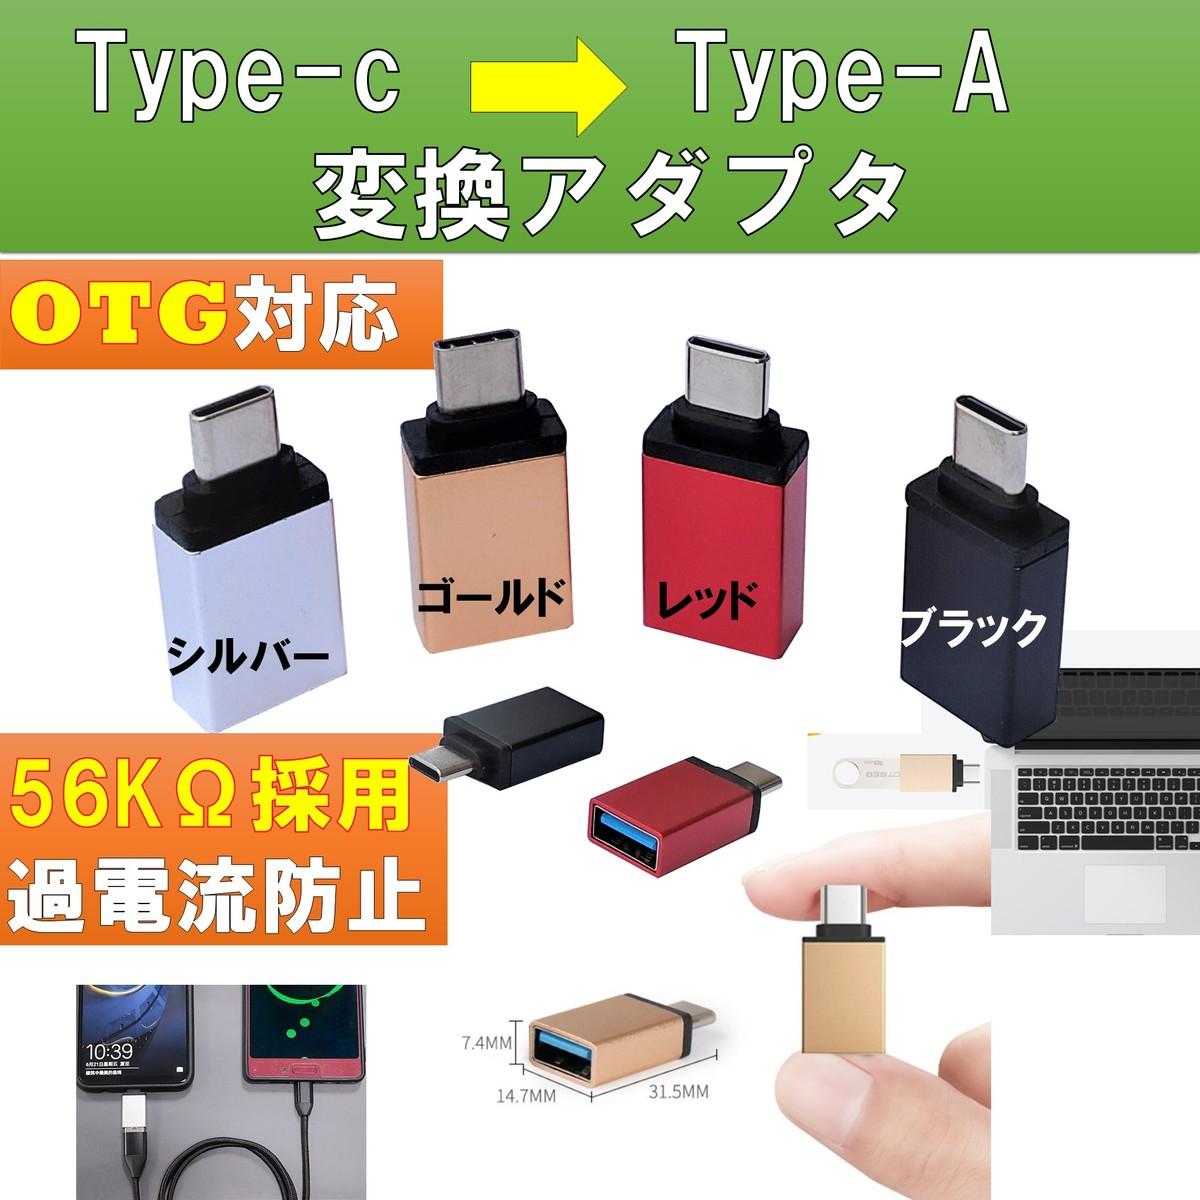 USB Type-CをにType A 3.0変換できる便利なアダプター OTG変換アダプター USB変換USB Type-C Type-A 3.0 変換アダプター OTG対応 高速データ伝送 5.0Gpbs  ポイント消化